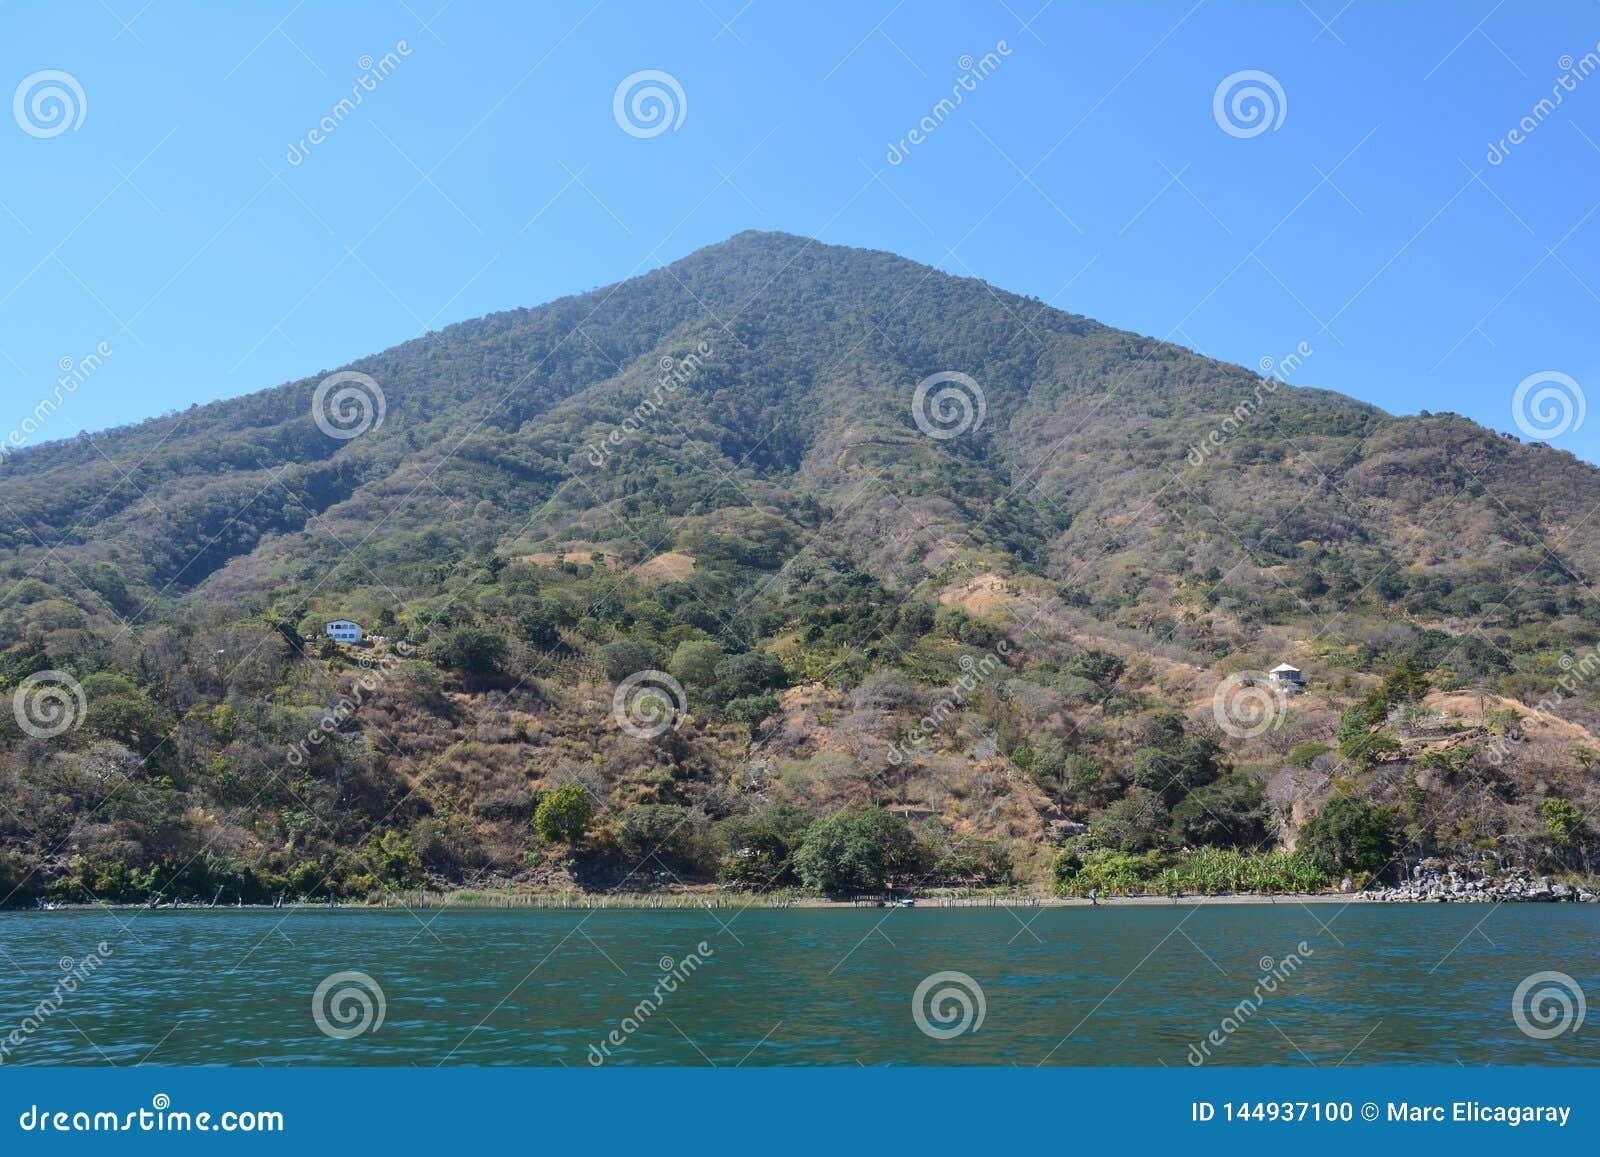 全景风景阿蒂特兰湖危地马拉